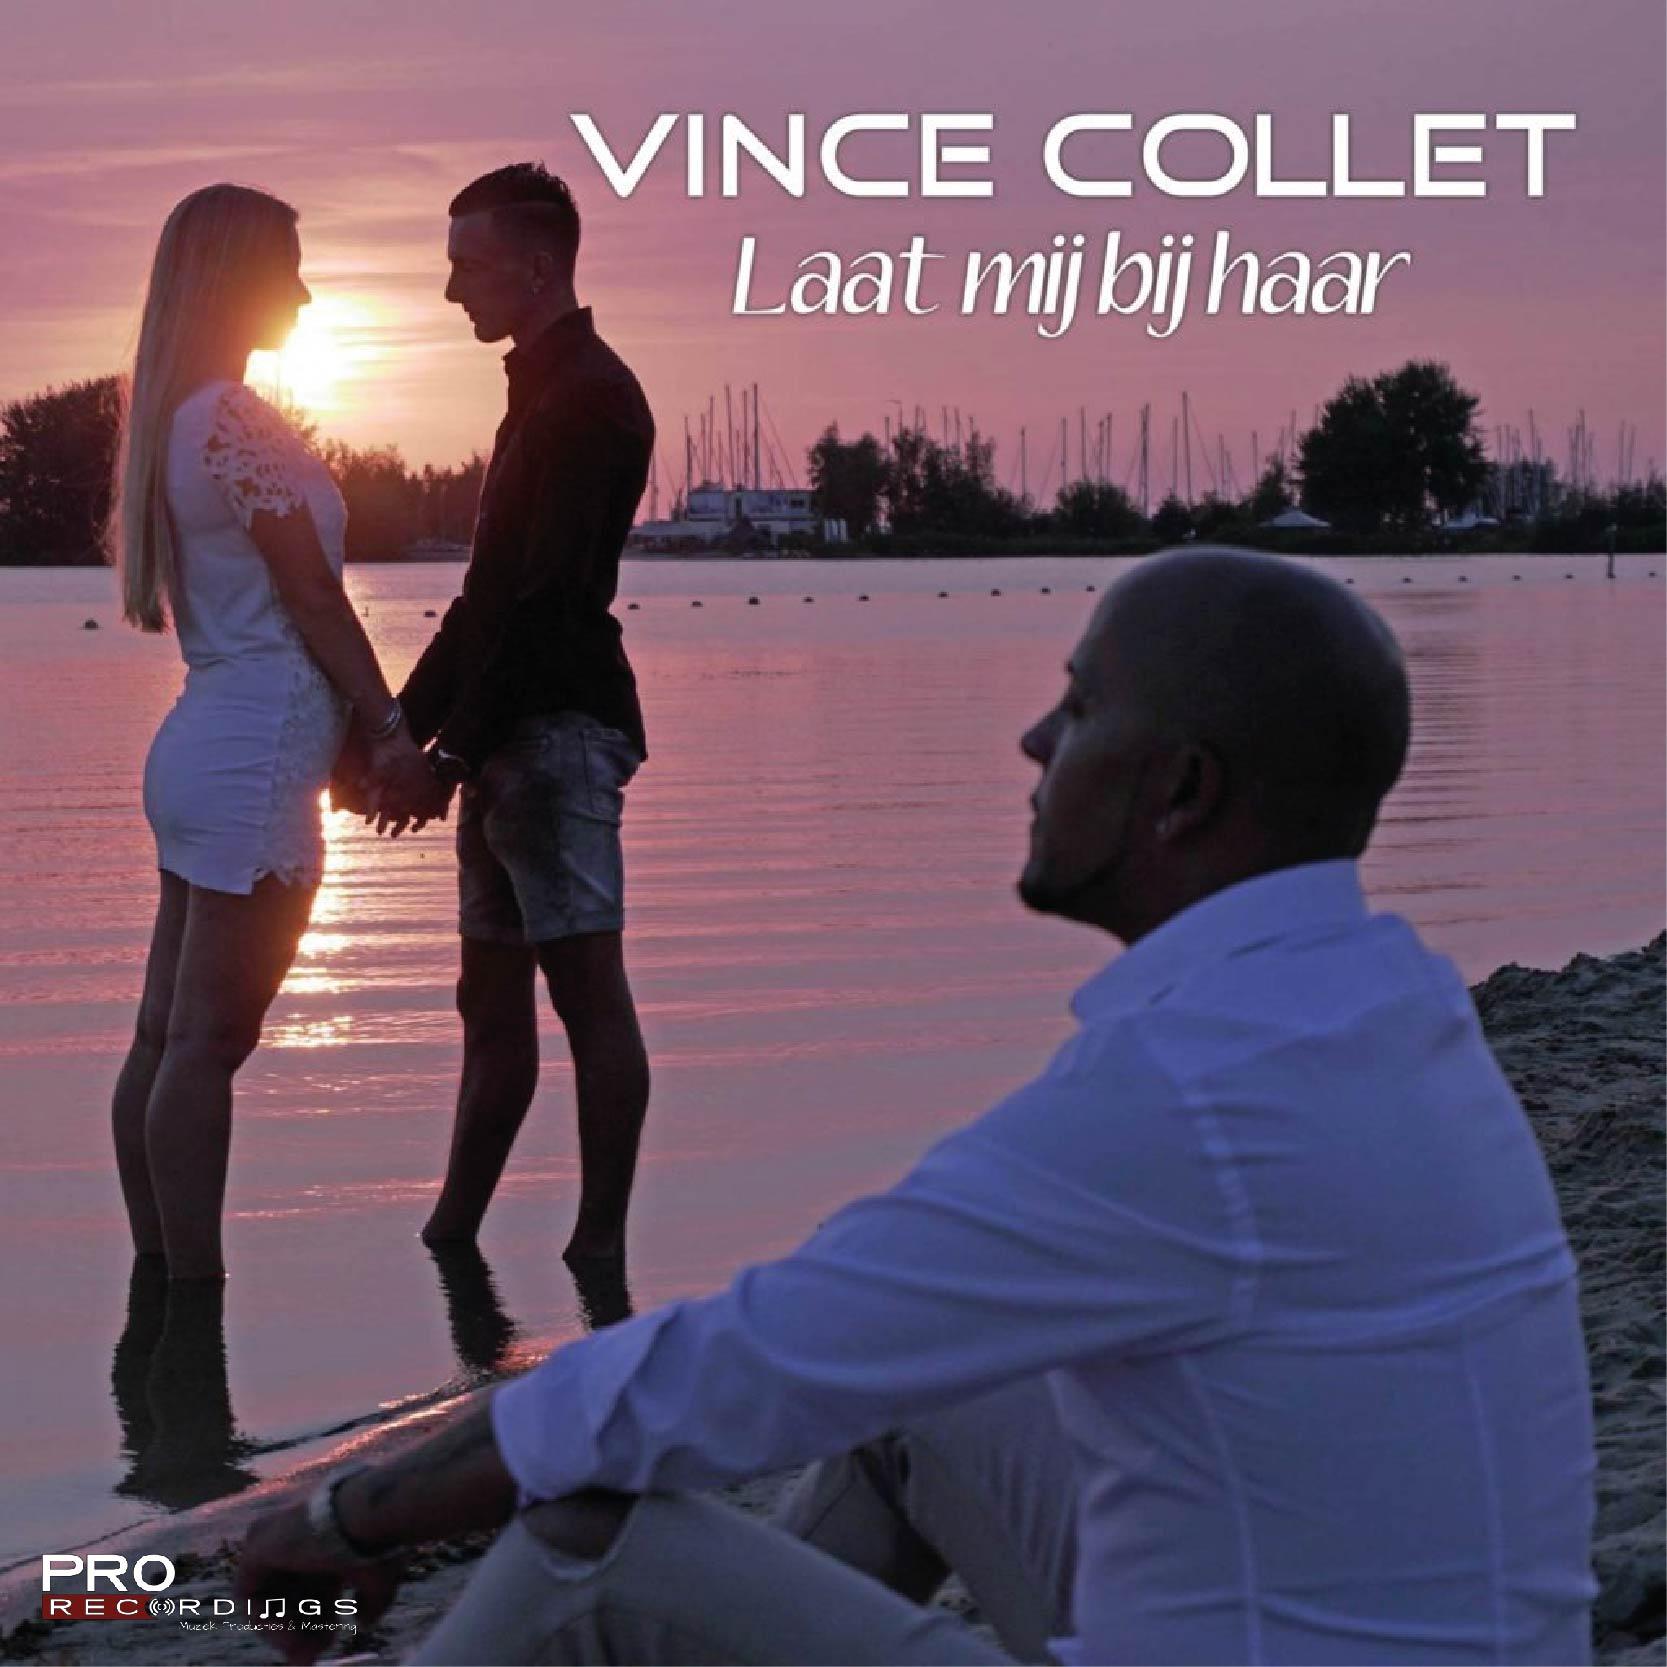 Vince Collet Laat mij bij haar